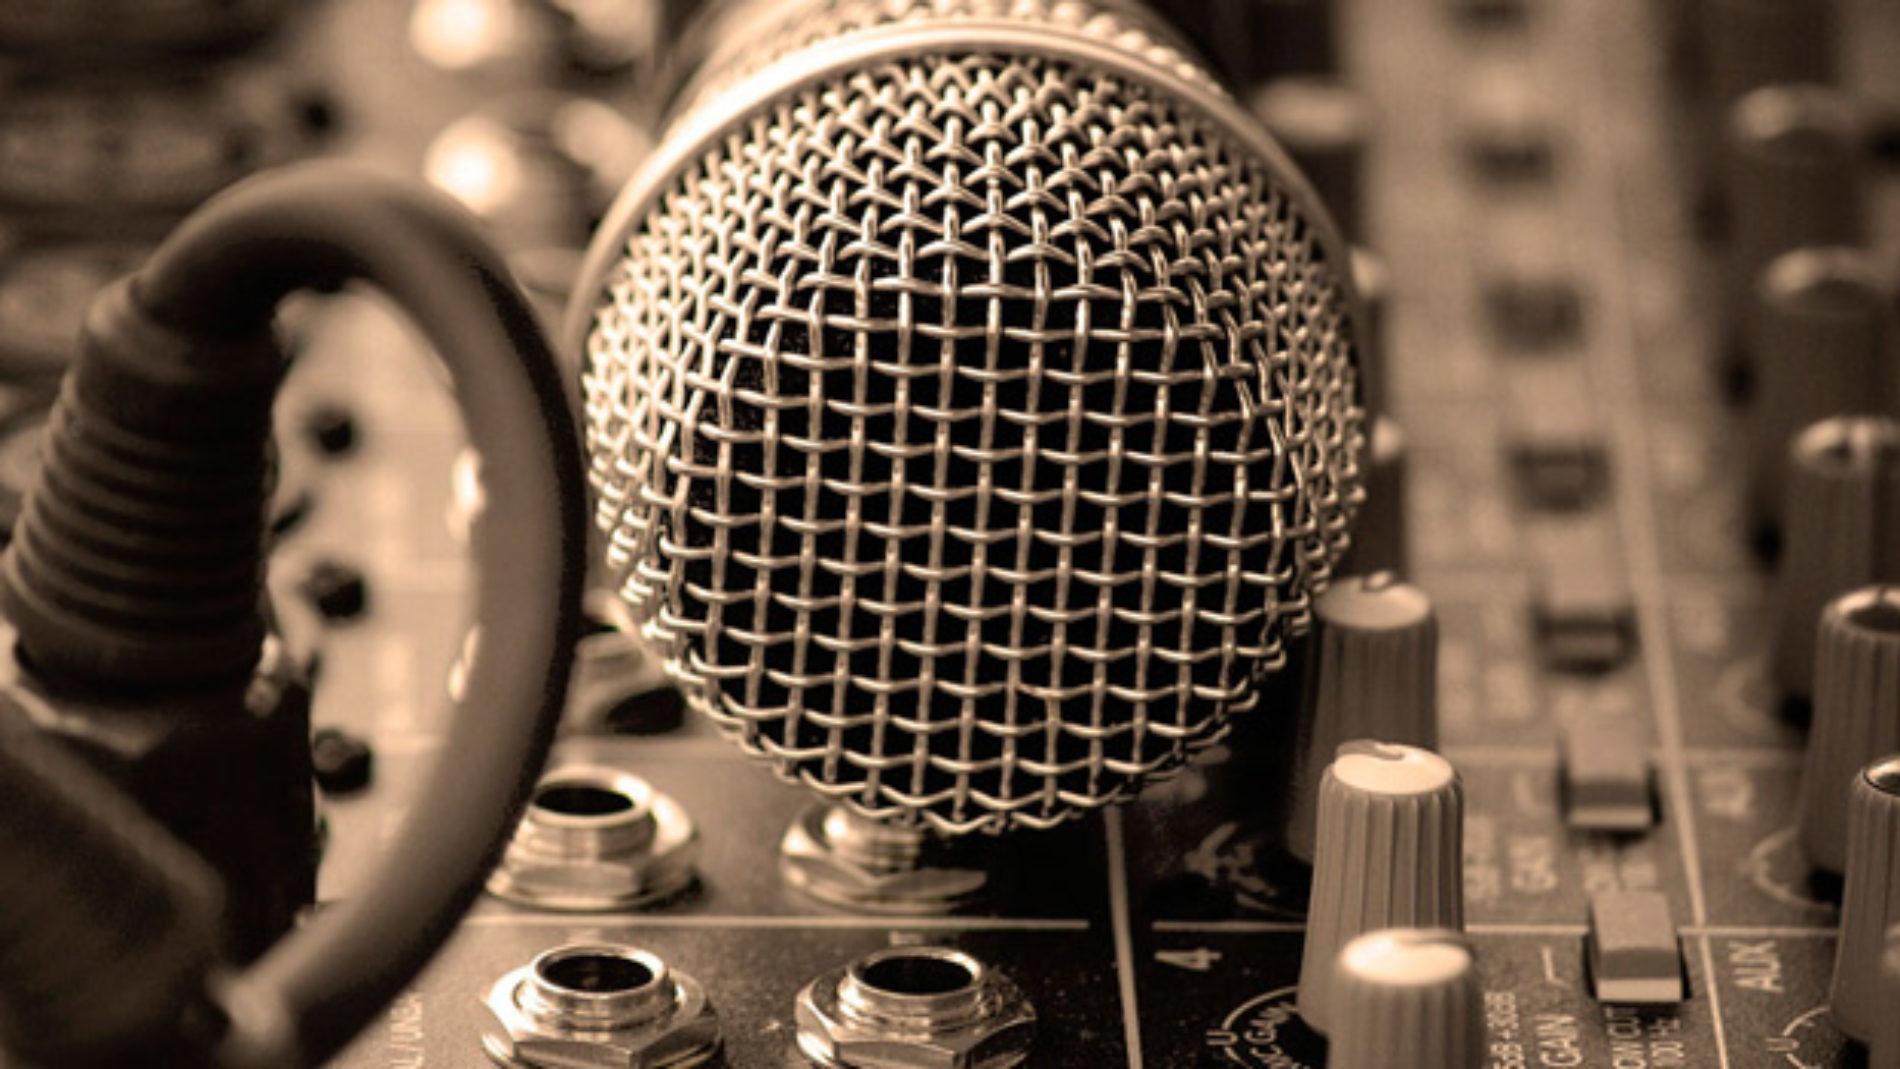 Journée Internationale de la radio:situation sombre au Burundi